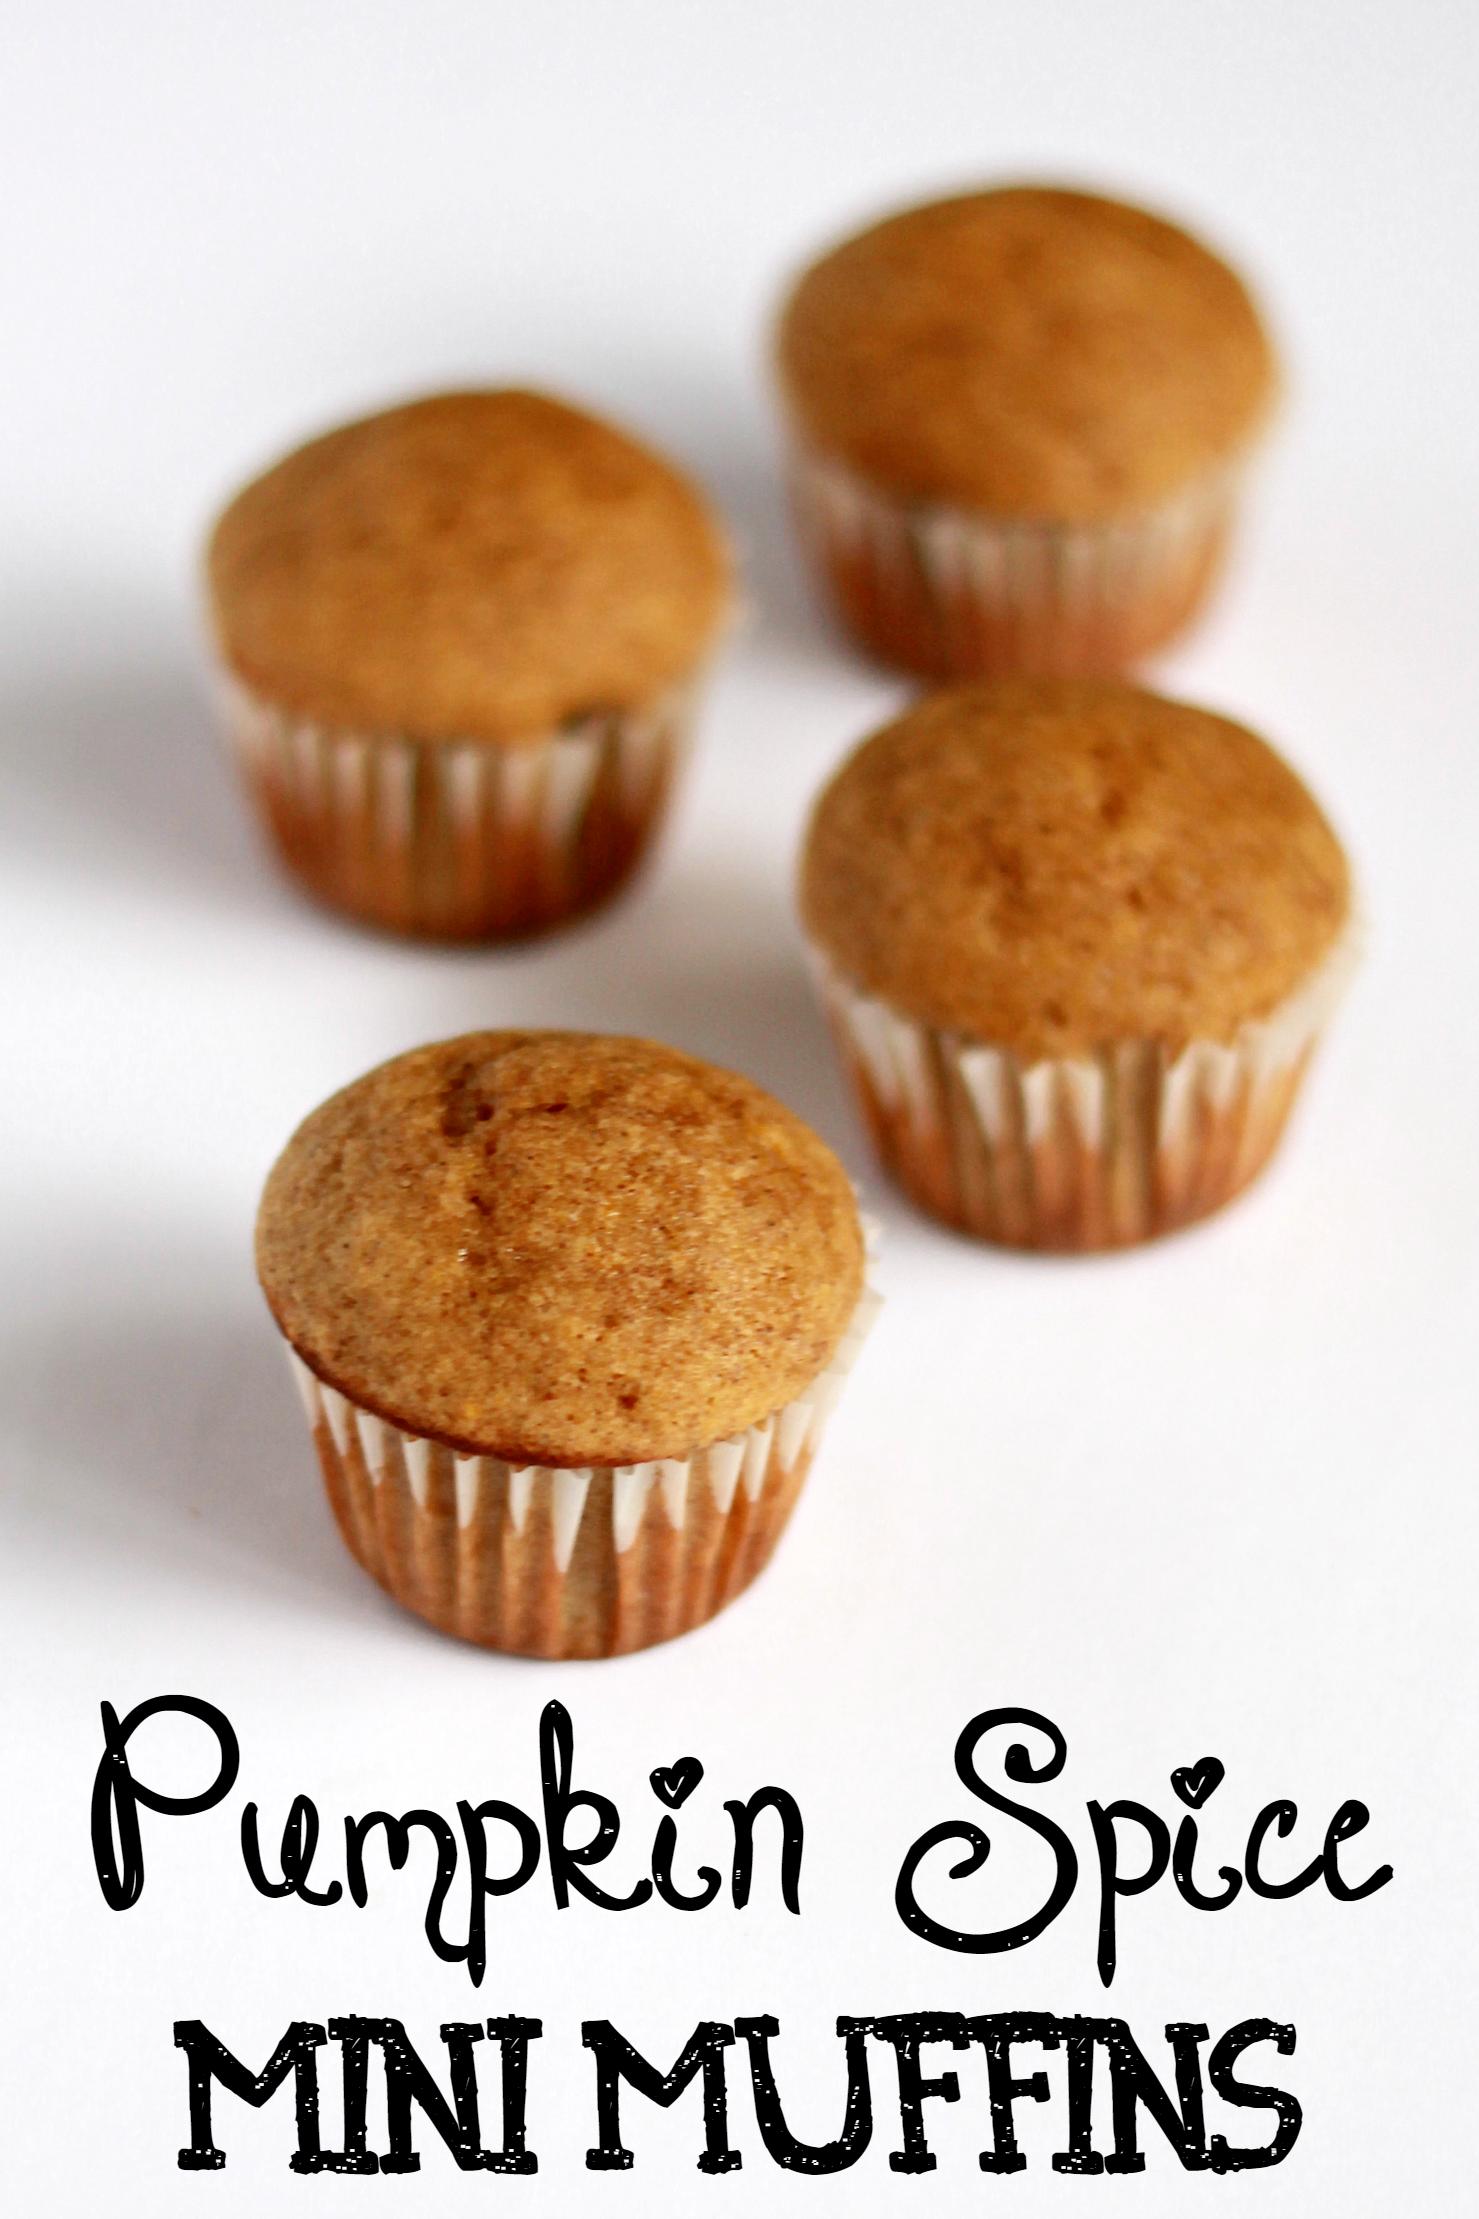 Pumpkin Spice Mini Muffins Recipe